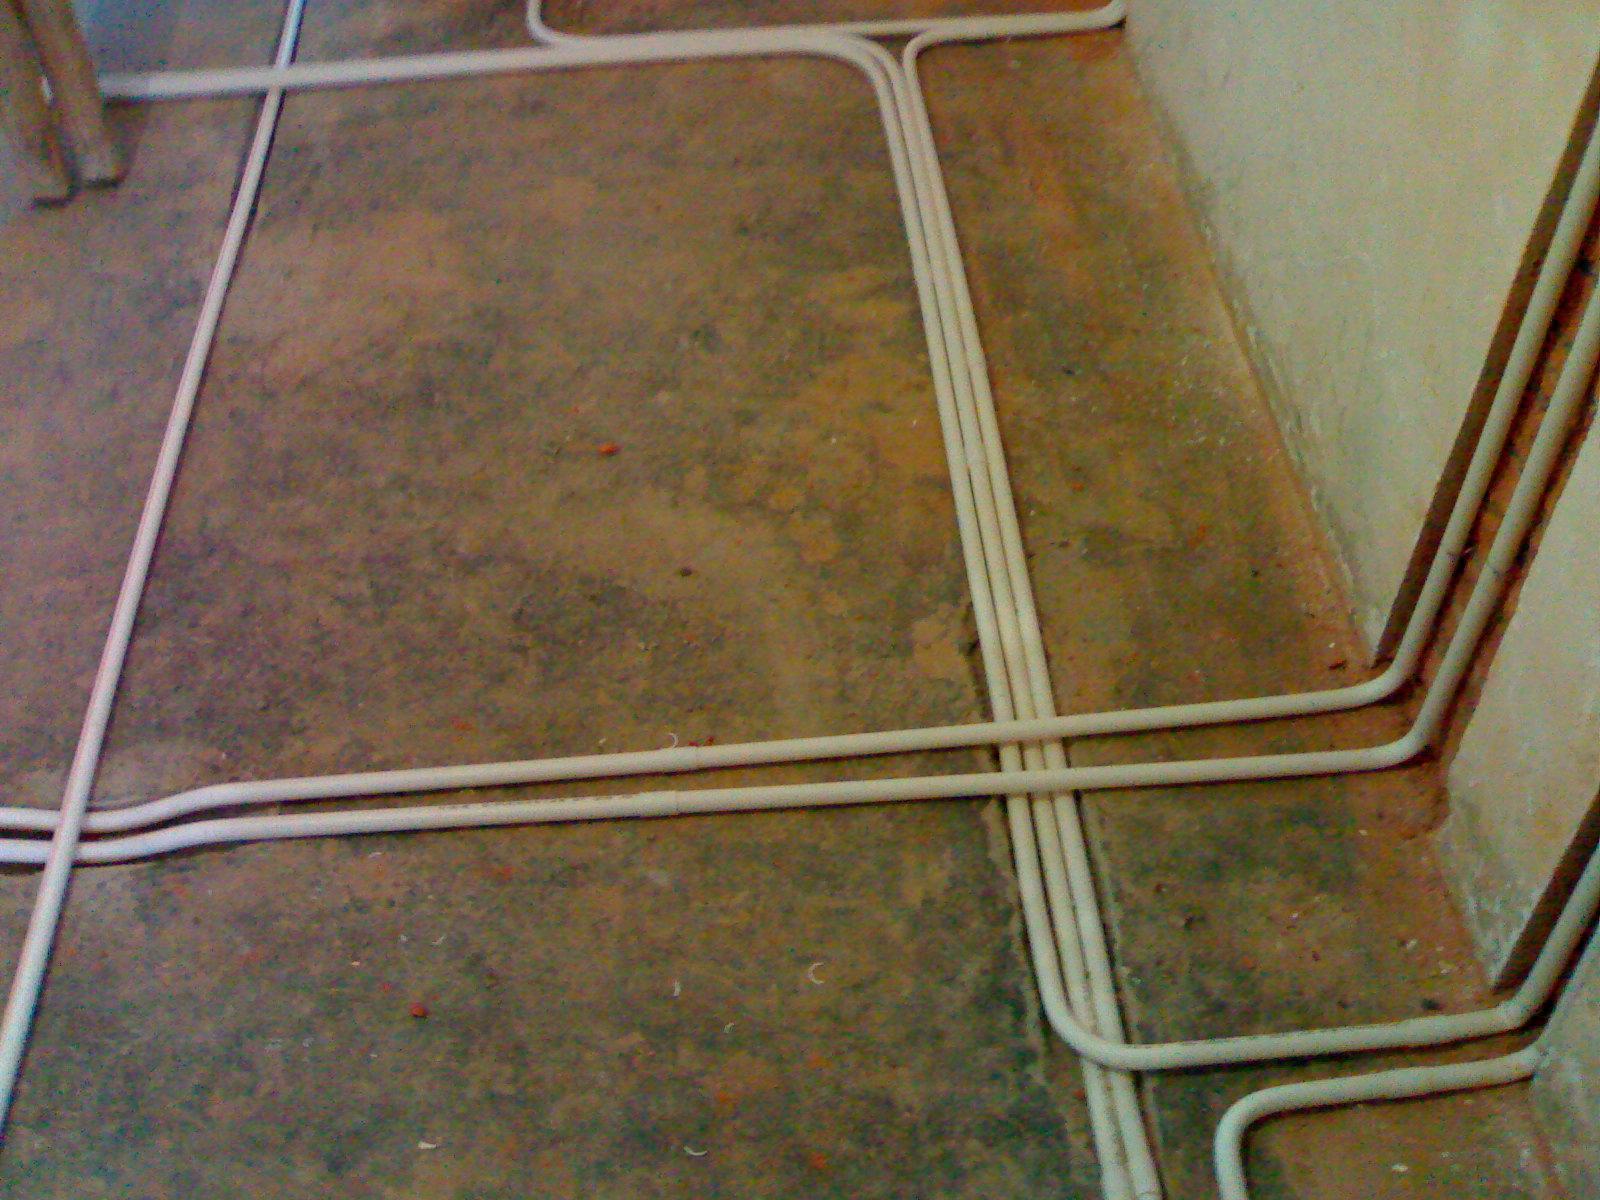 水电安装 建筑水电安装识图 建筑水电安装图纸 商品房水电